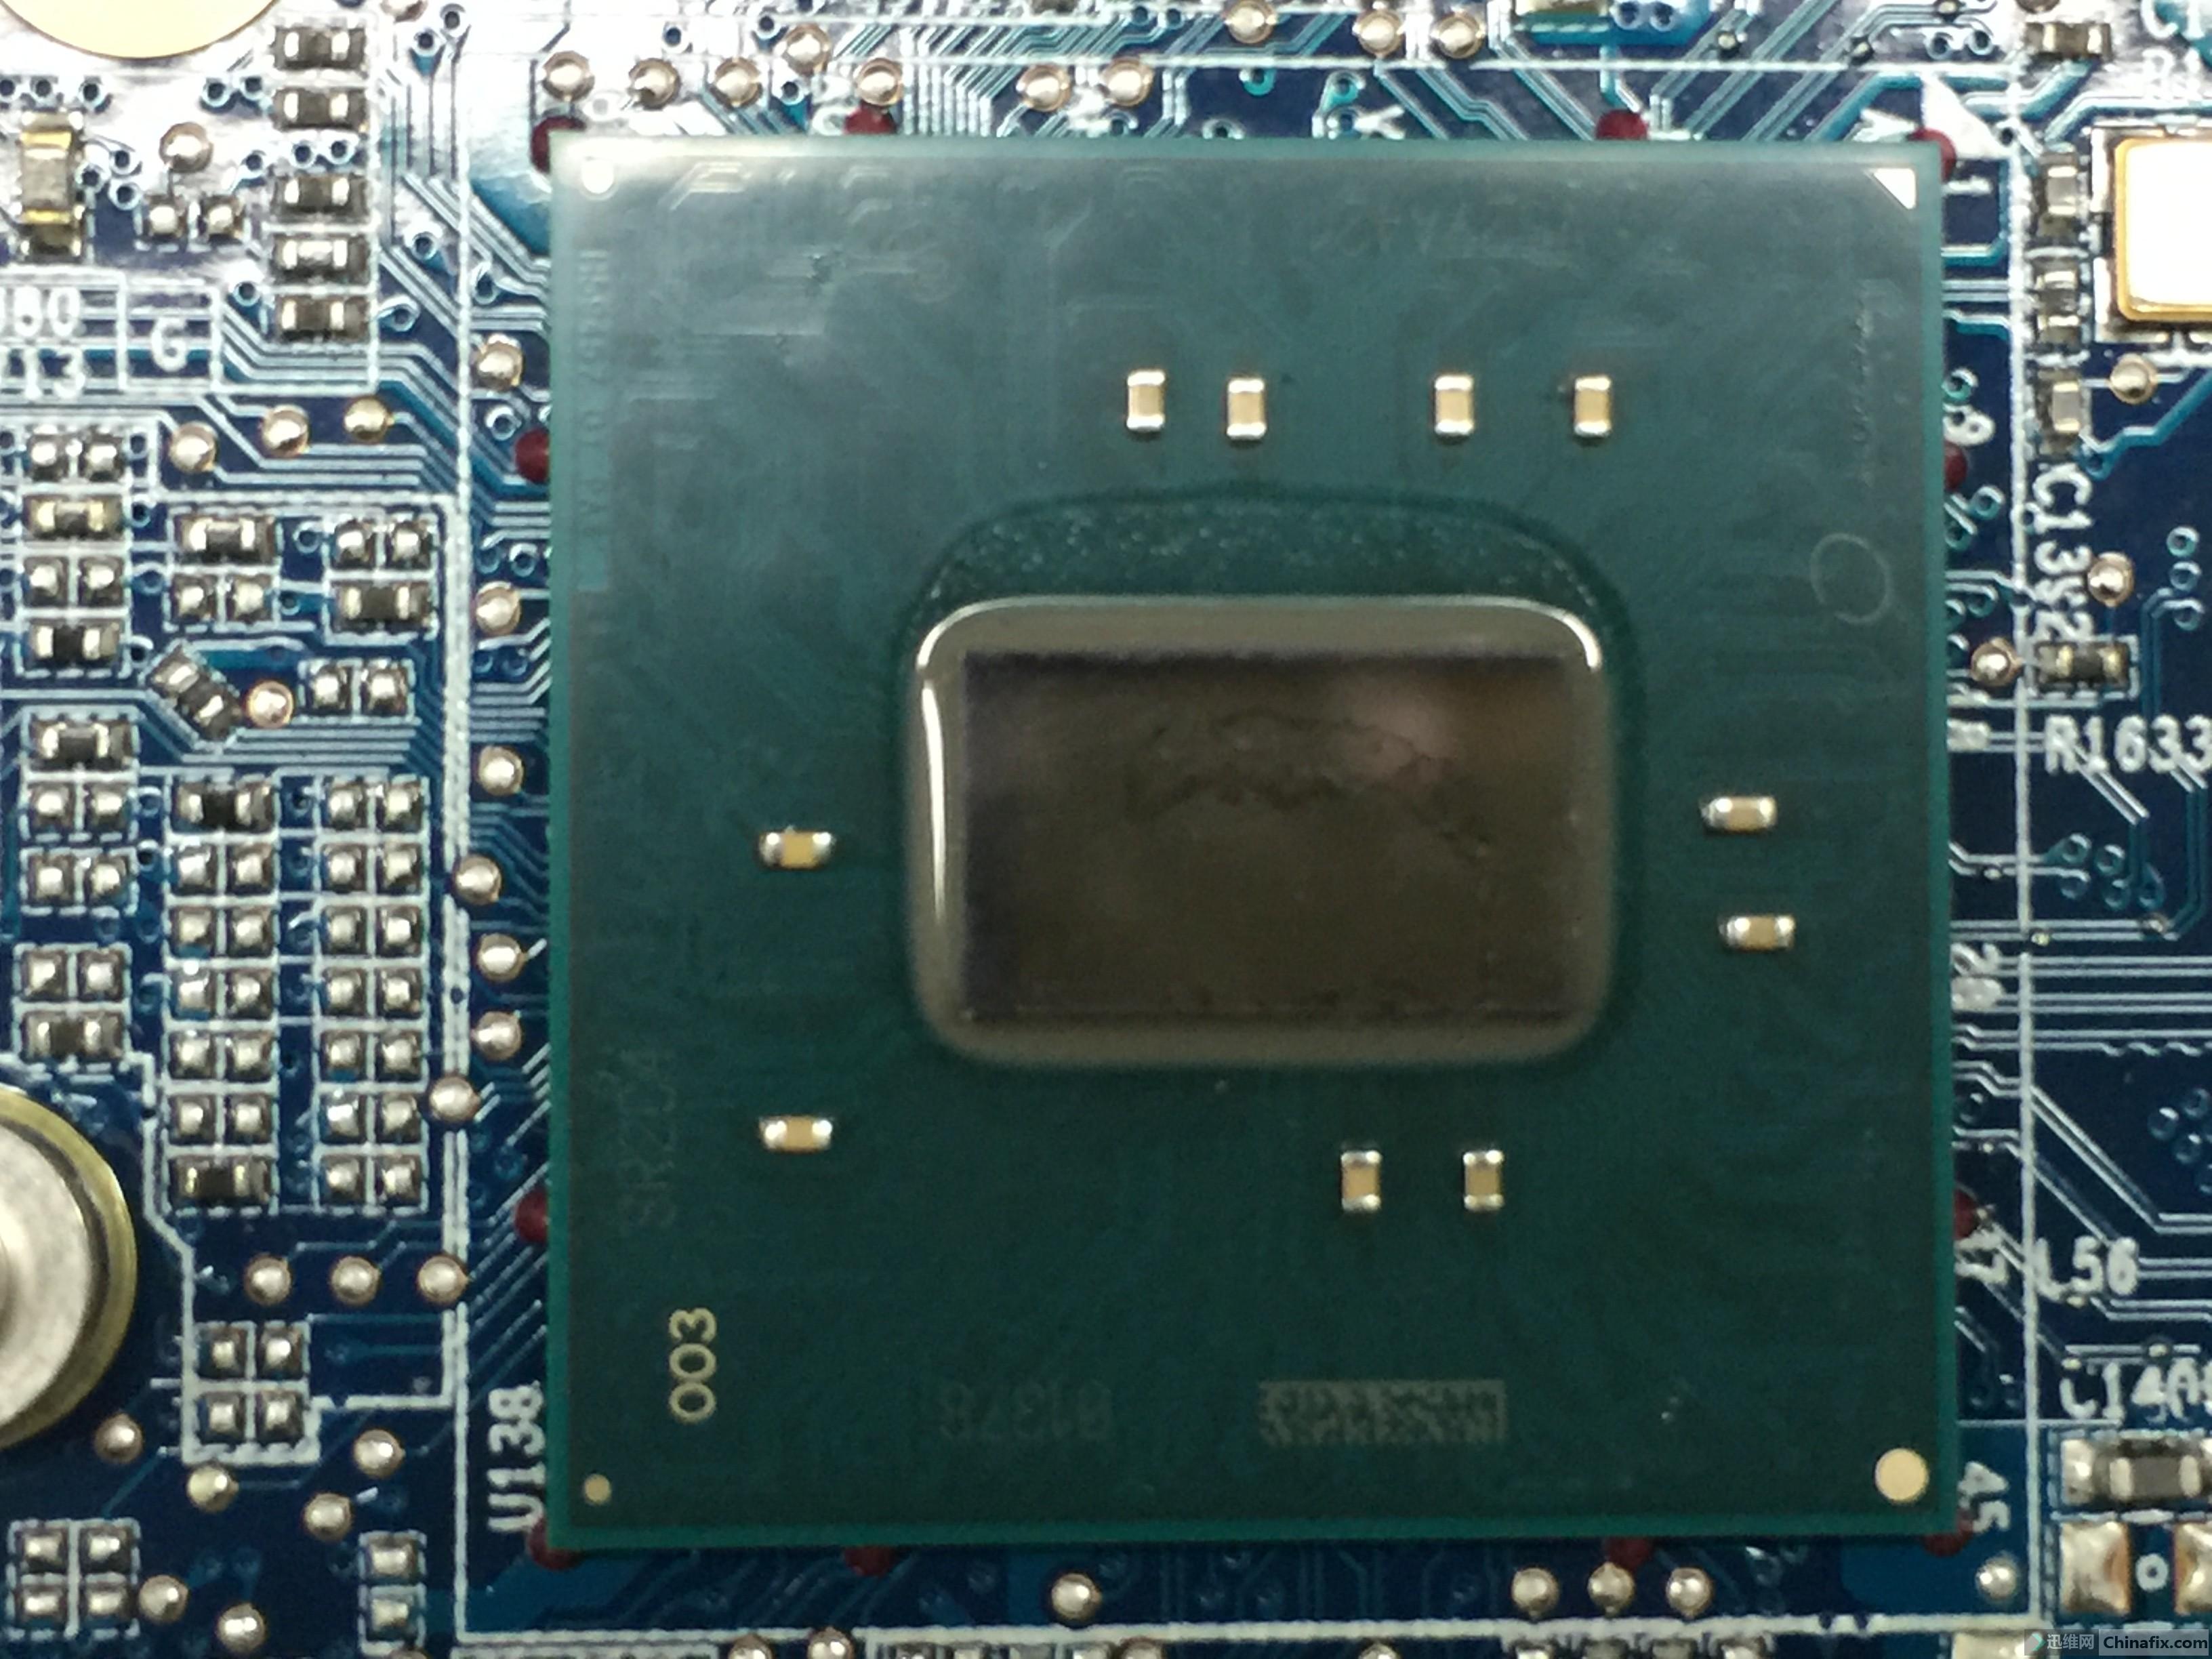 最新侹c��.g�9�+:hm_intel最新芯片组 hm170搭载i7-6700hq主板 让大家饱饱